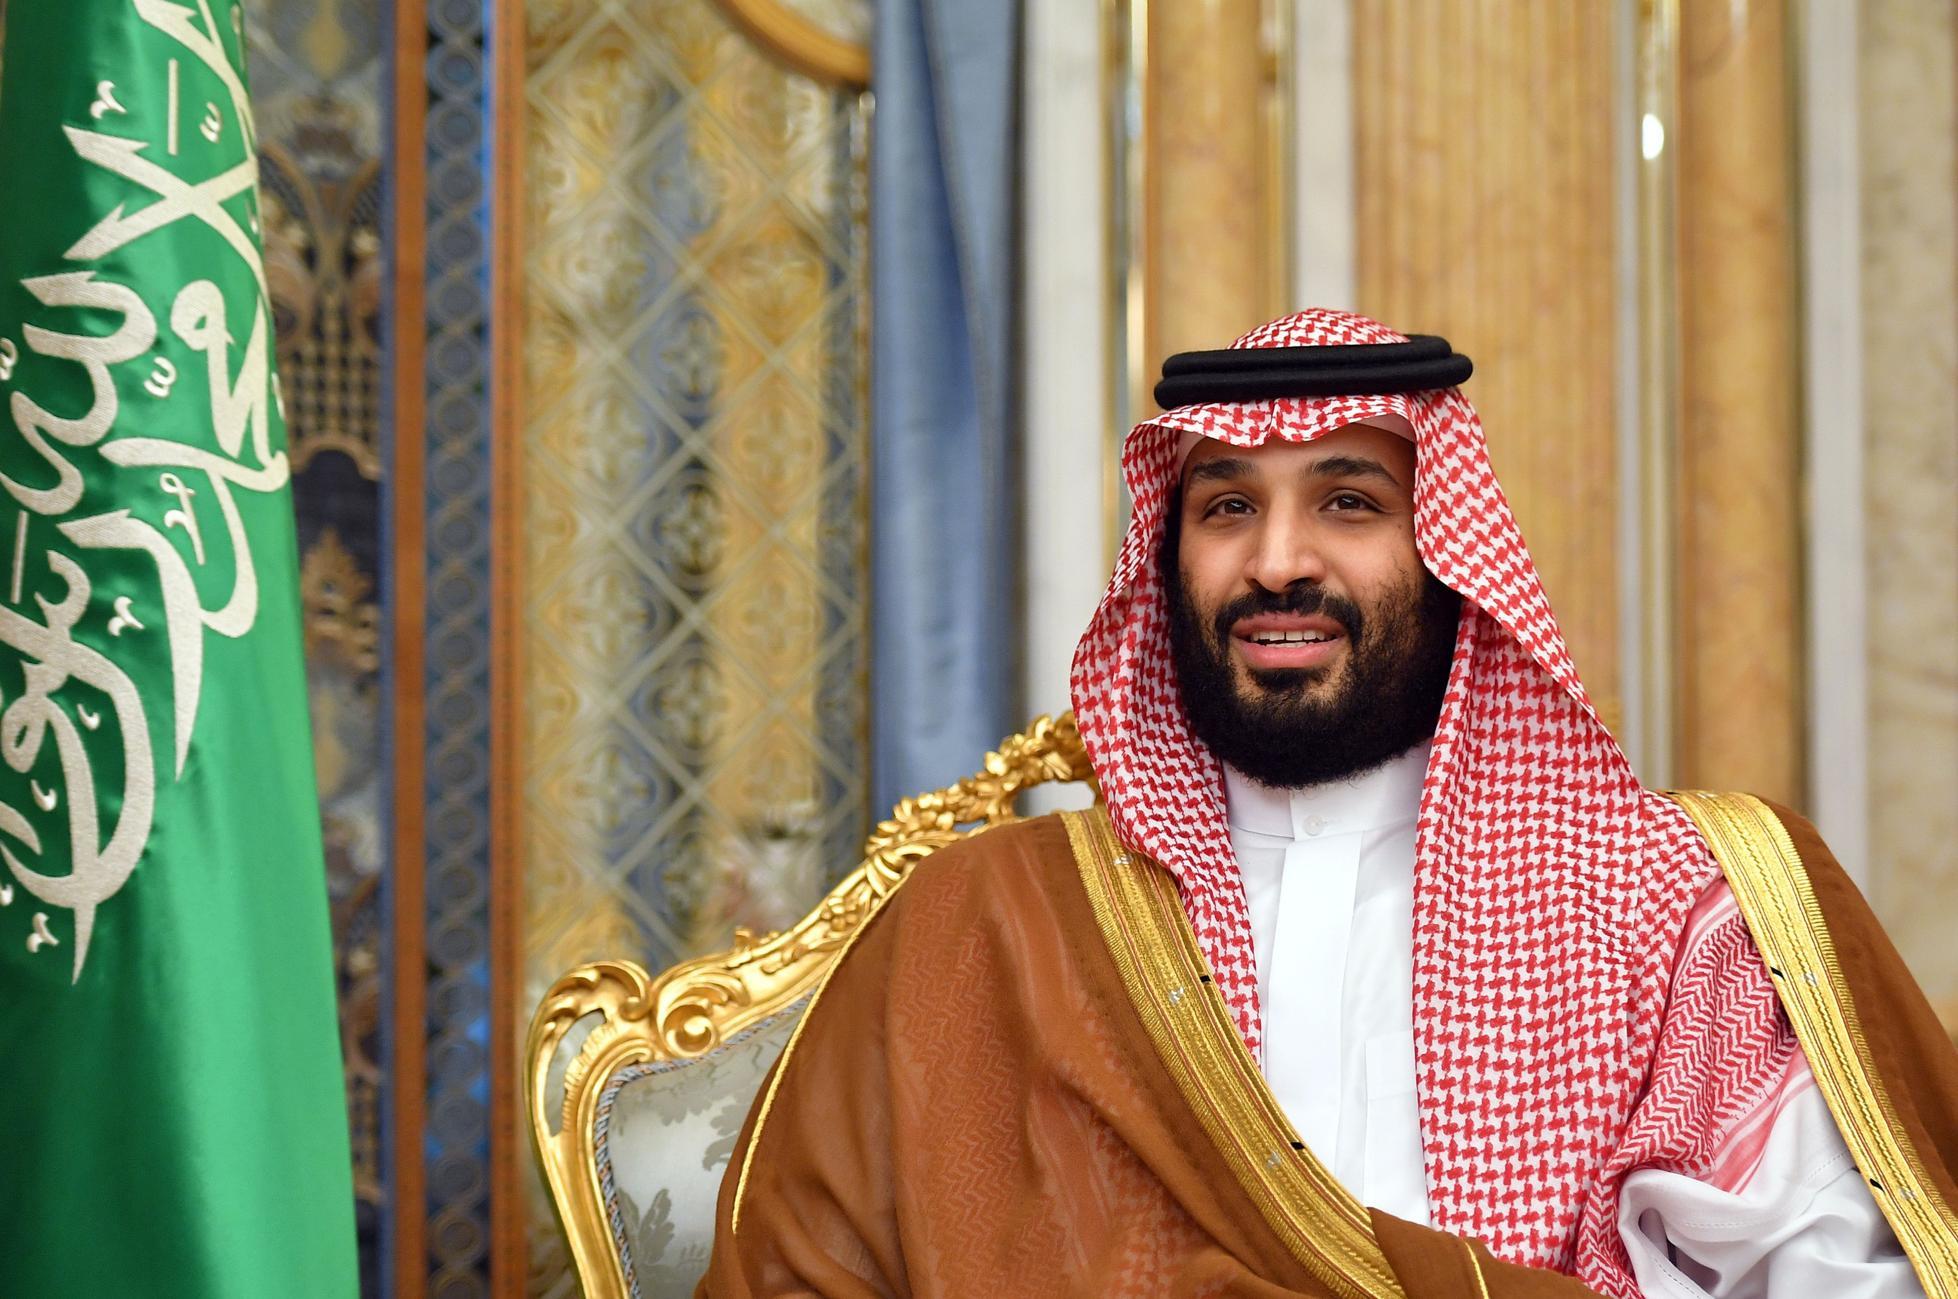 Saudi prince Leonardo da Vinci Salvatore Mundi